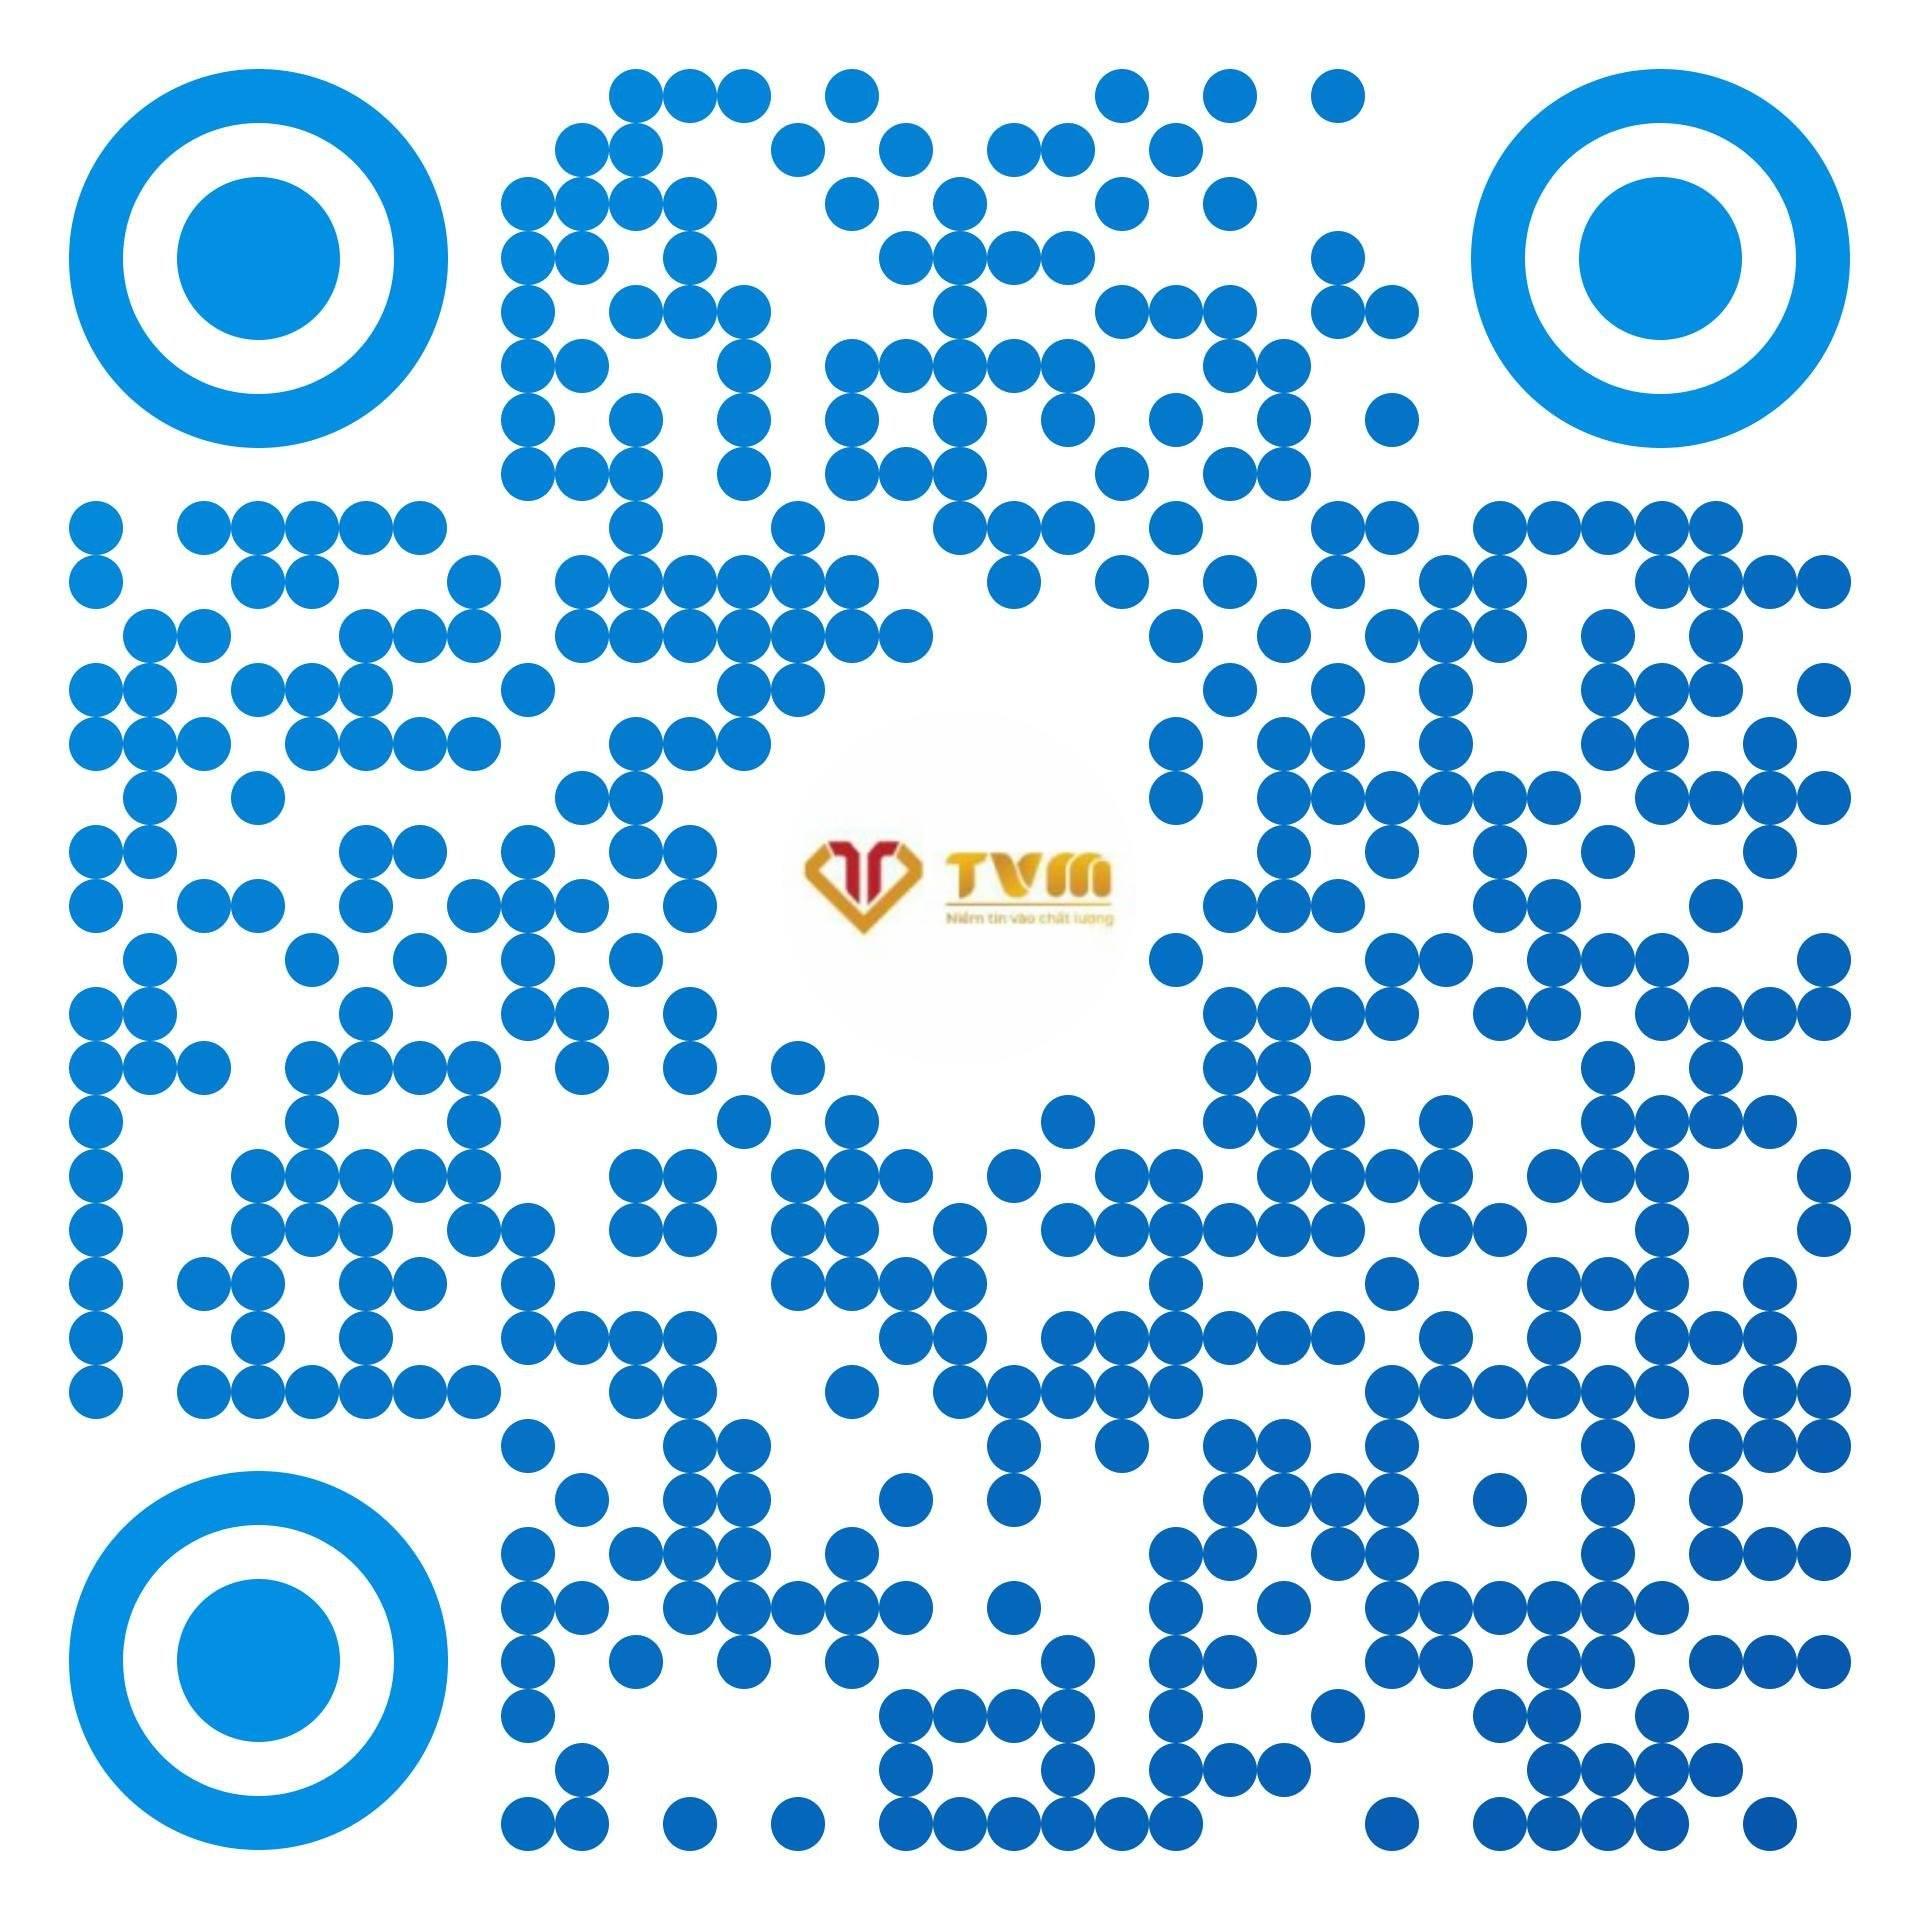 Quét mã QR - lướt web thả ga cùng Bệnh viện Thanh Vũ